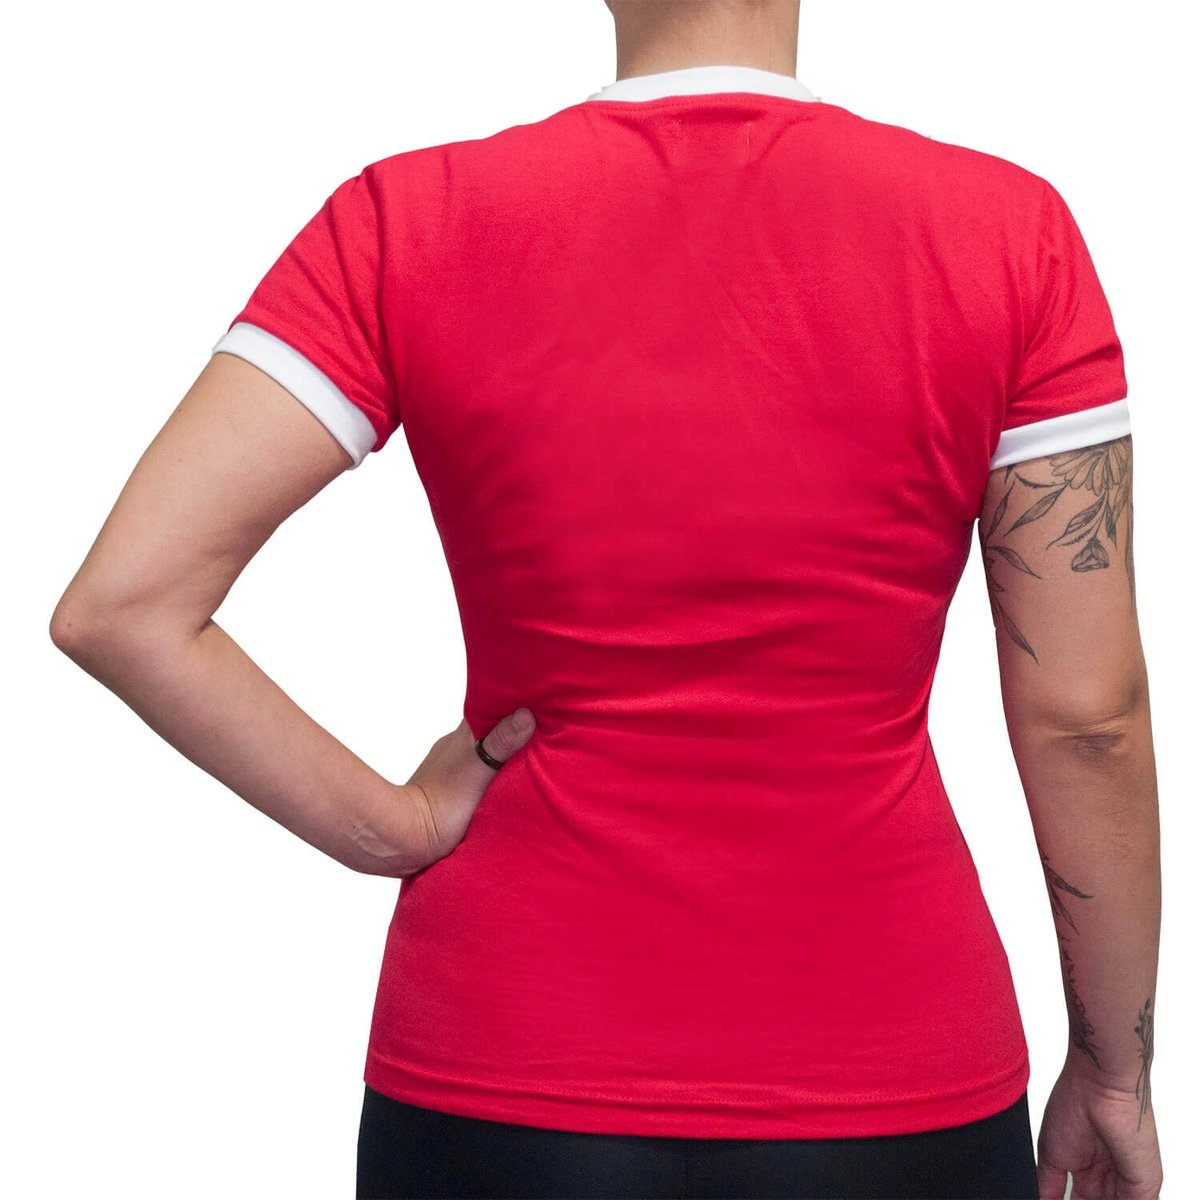 Feminina Retrô Internacional Camisa Camisa Mania 1975 Mania Internacional Vermelho Retrô 1975 w7BnxzfPq